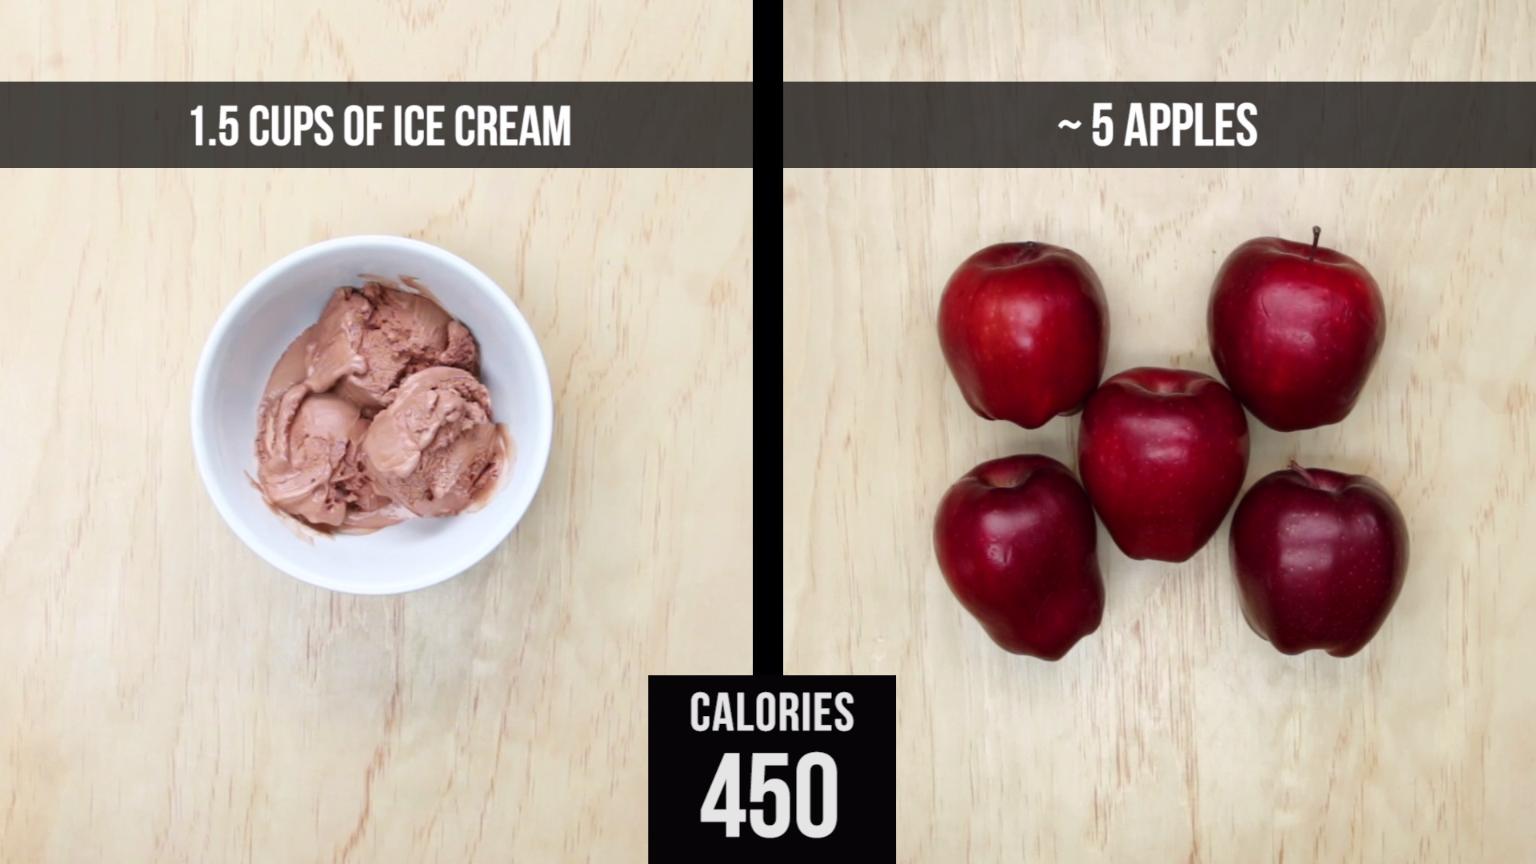 Calories In Junk Food Vs Healthy Food